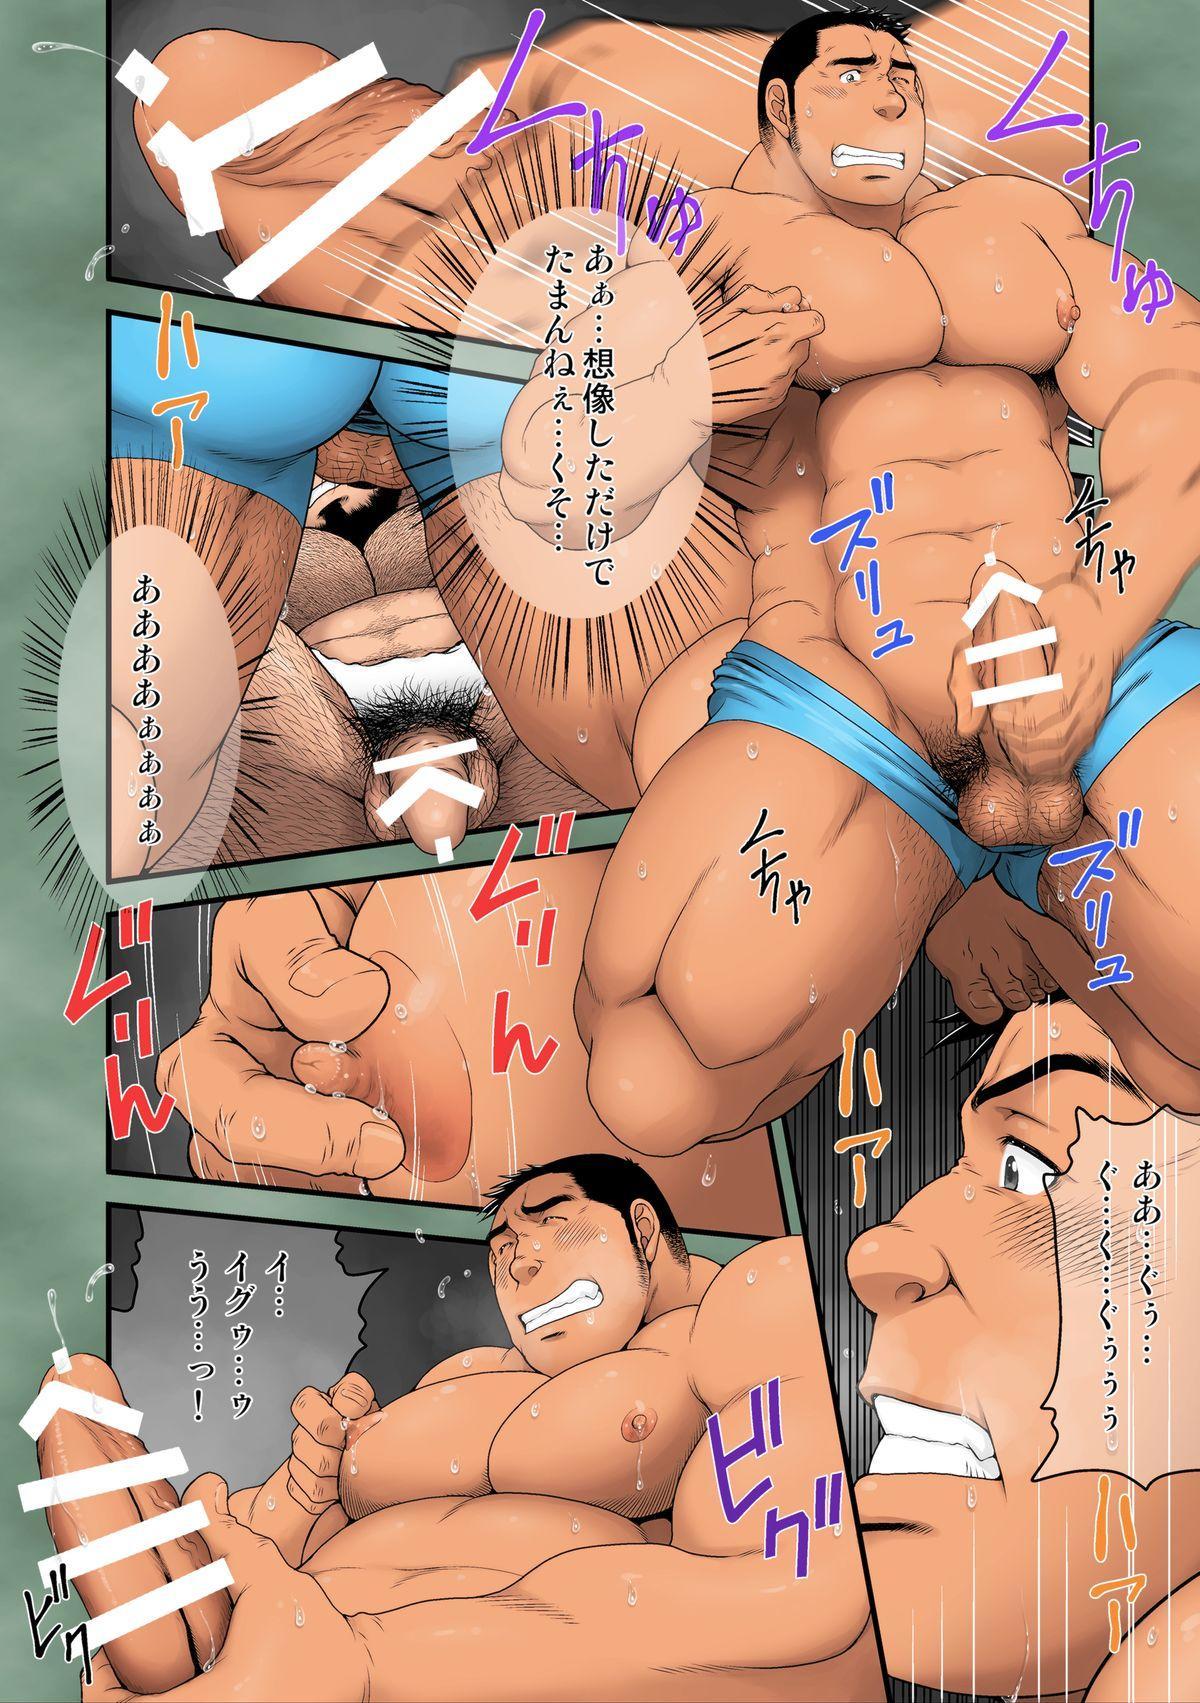 Ano Natsu Ichiban Shizuka na Umi 11